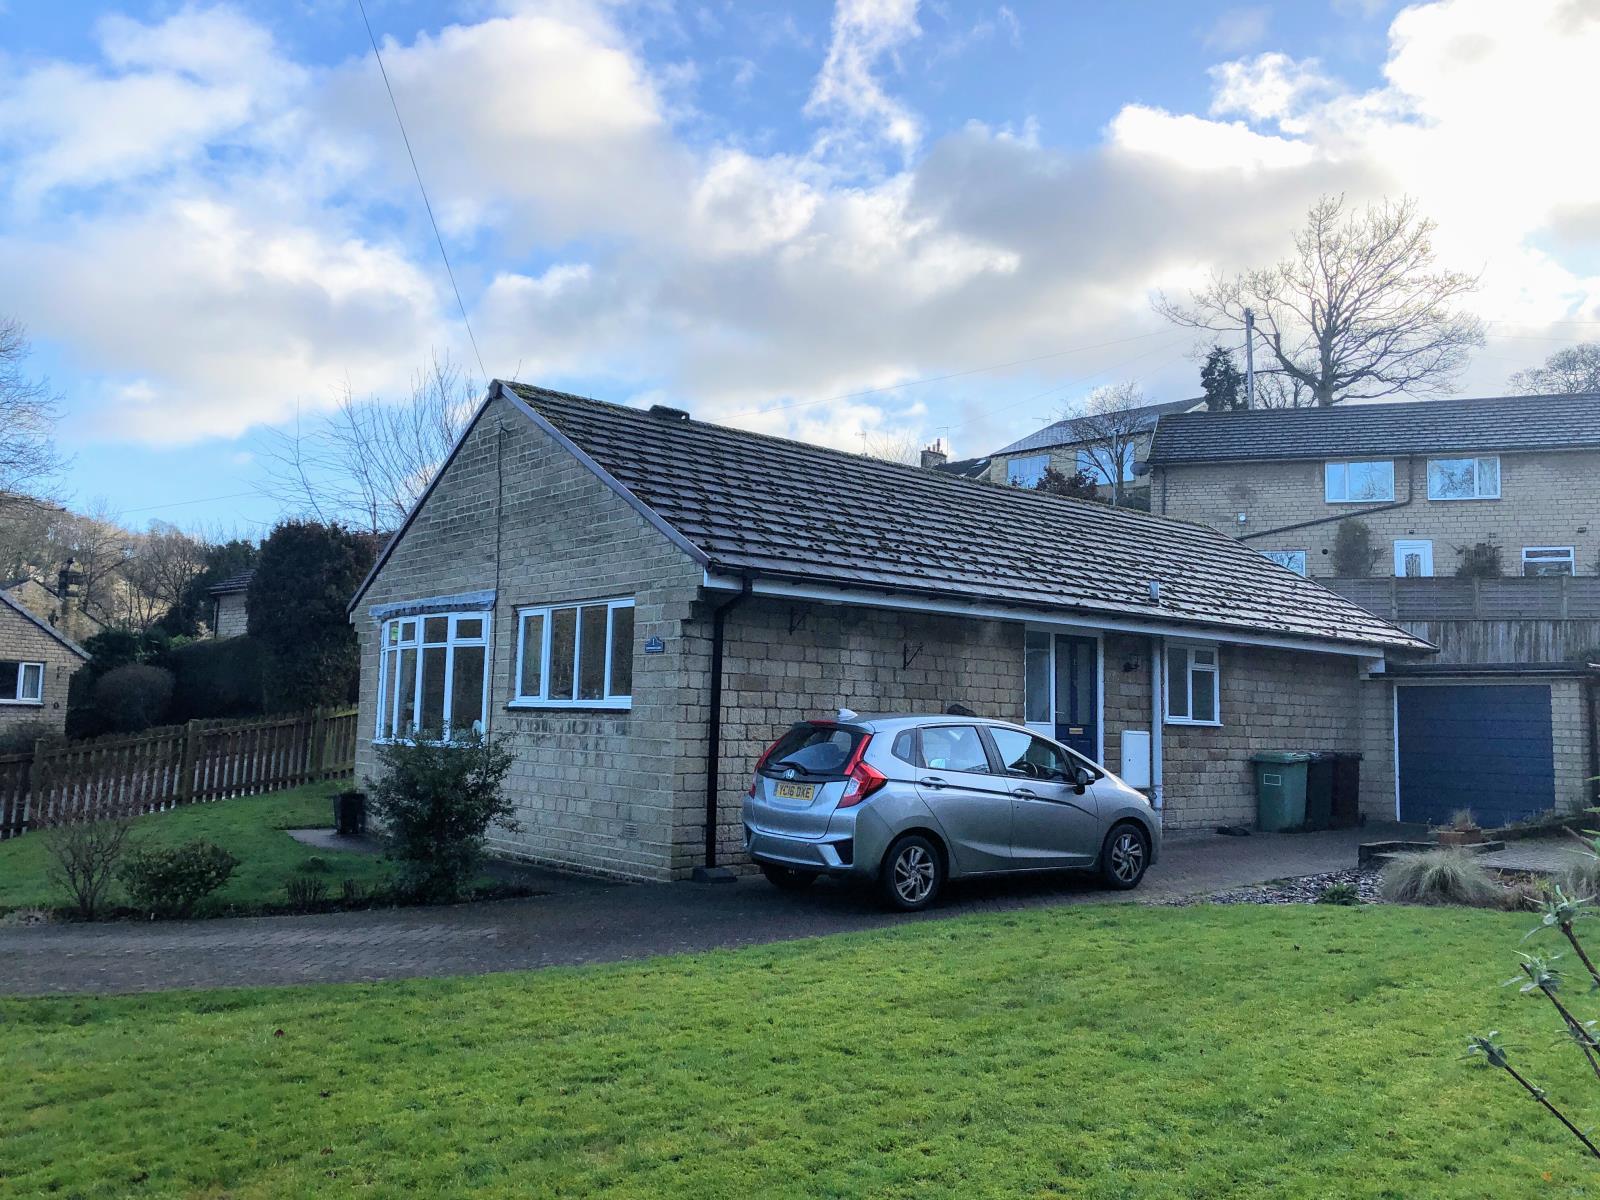 1 Lingwood Close, New Mill, Holmfirth, HD9 7NN